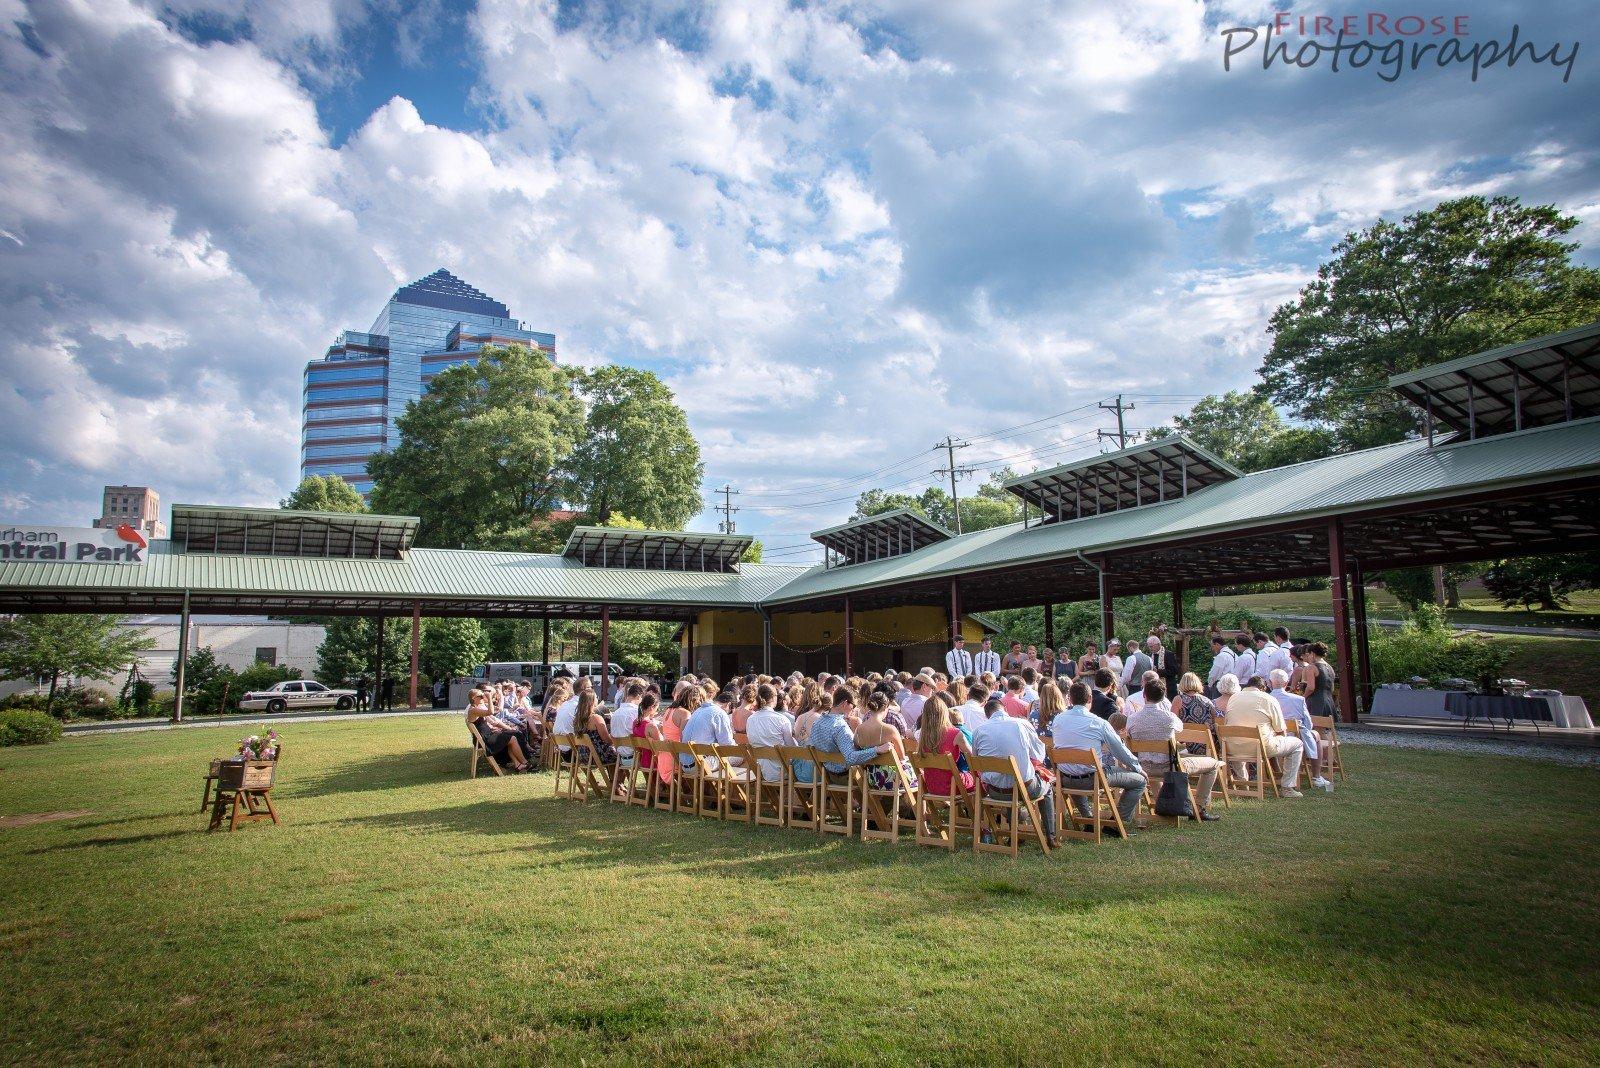 Sarah Cade wedding credit FireRose Photography